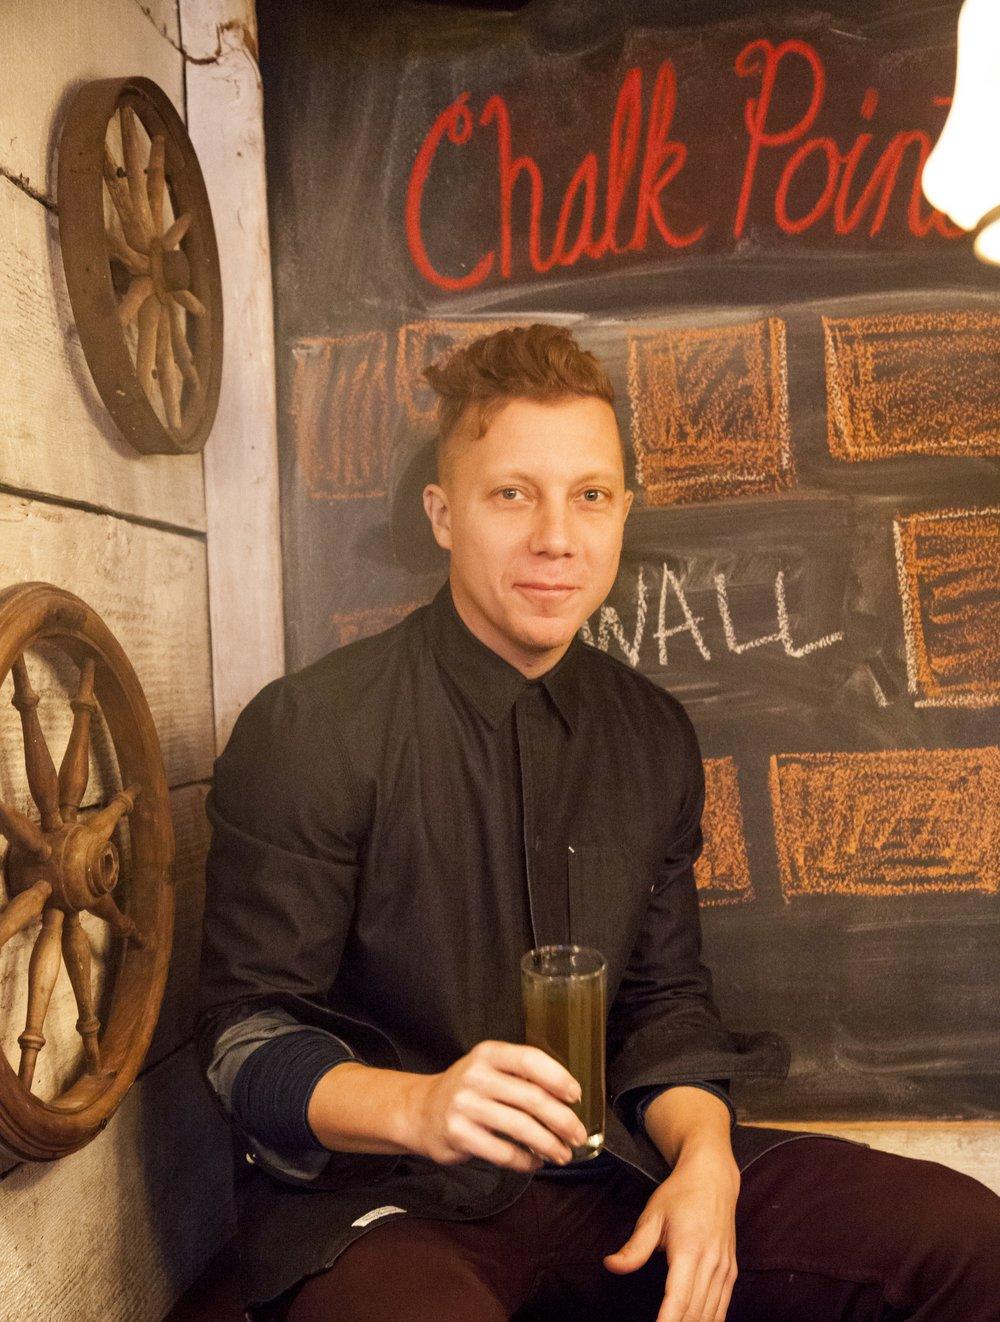 Restaurateur Matt Levine at his market-to-table restaurant, Chalk Point Kitchen, in Soho.